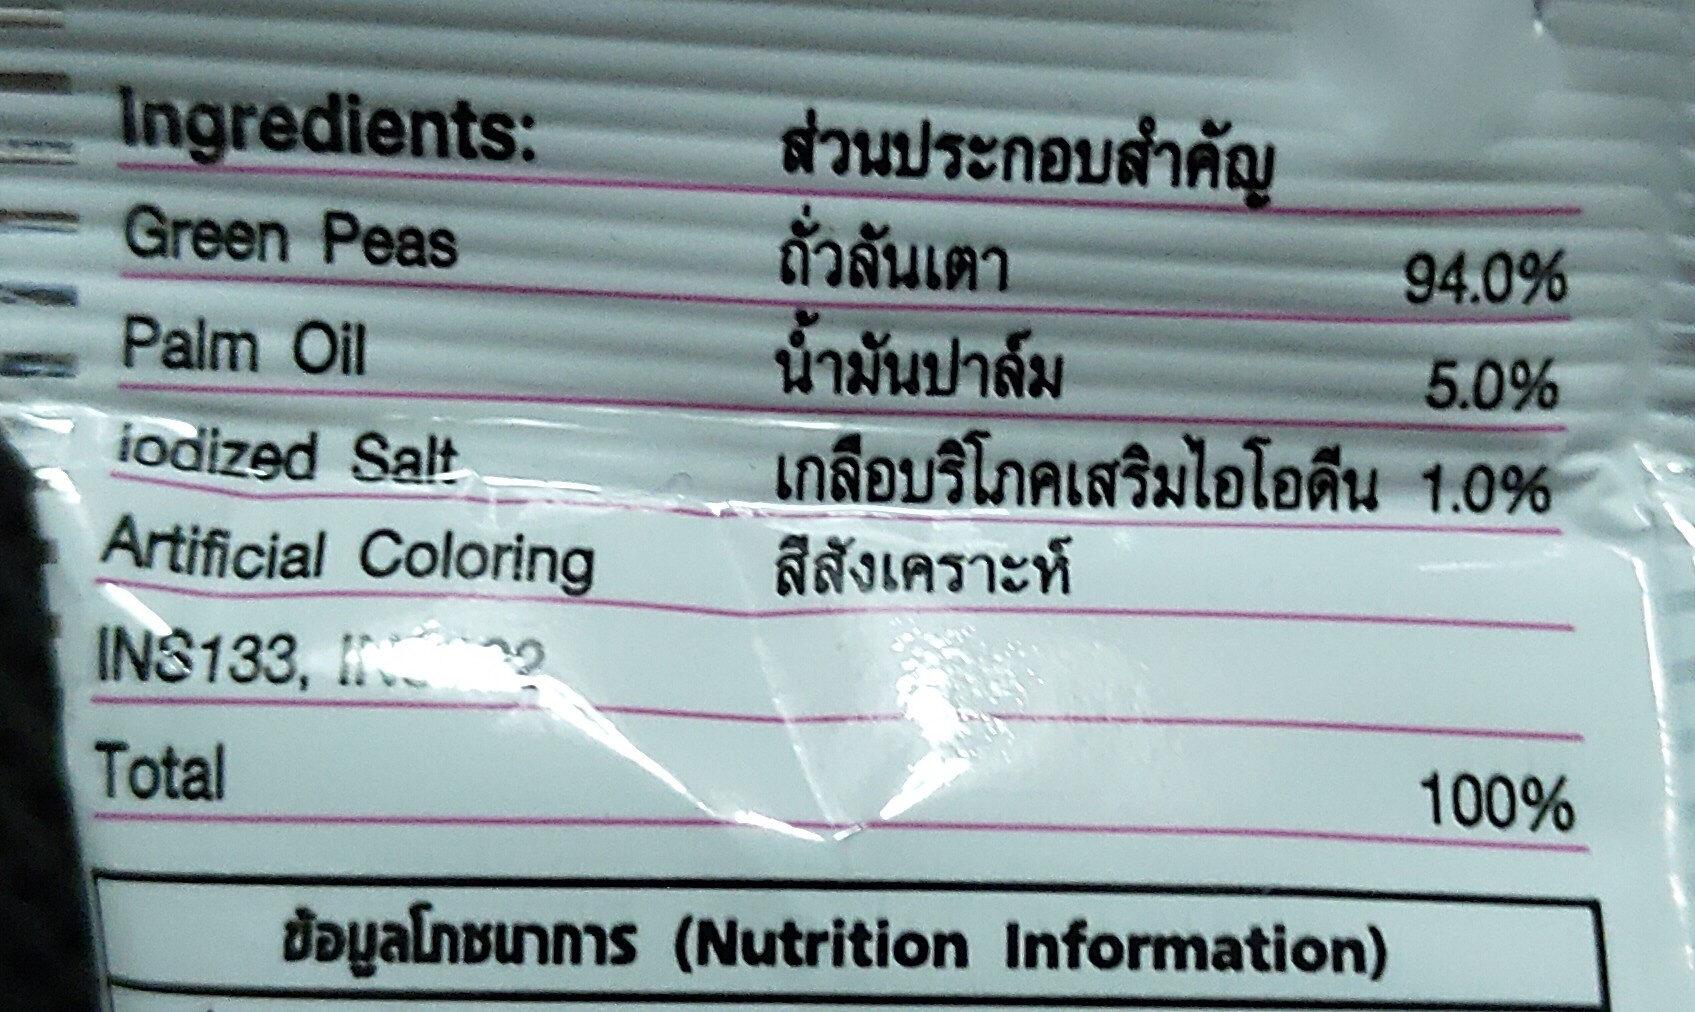 ถั่วลันเตาอบกรอบ - Ingredients